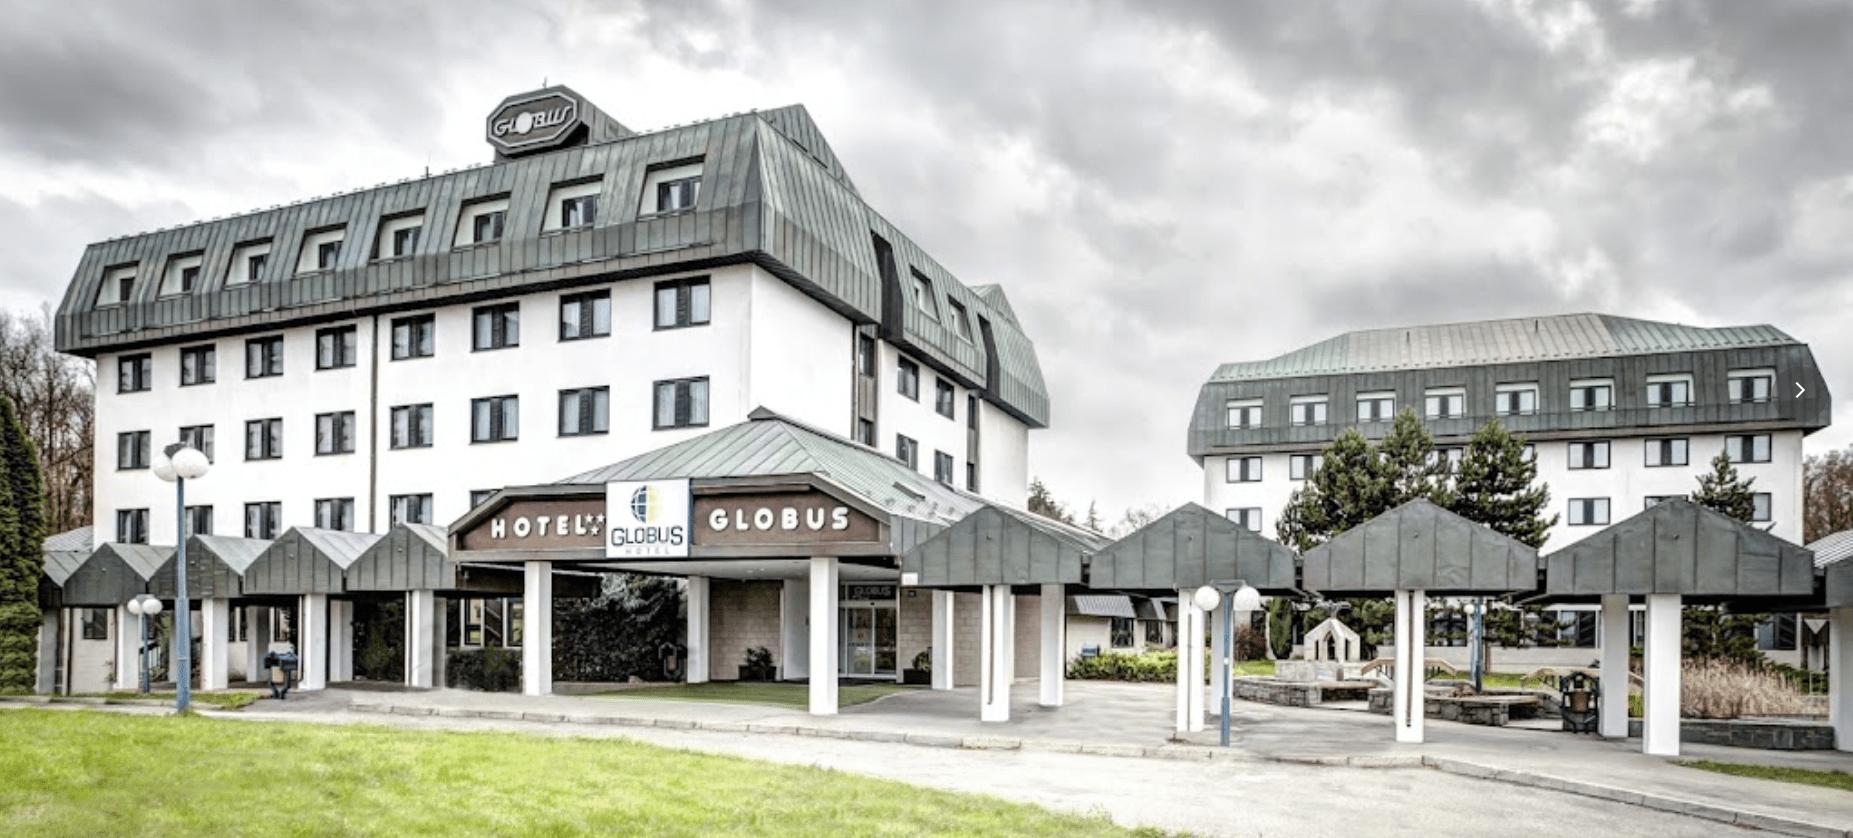 Hotel Globus (Praha)